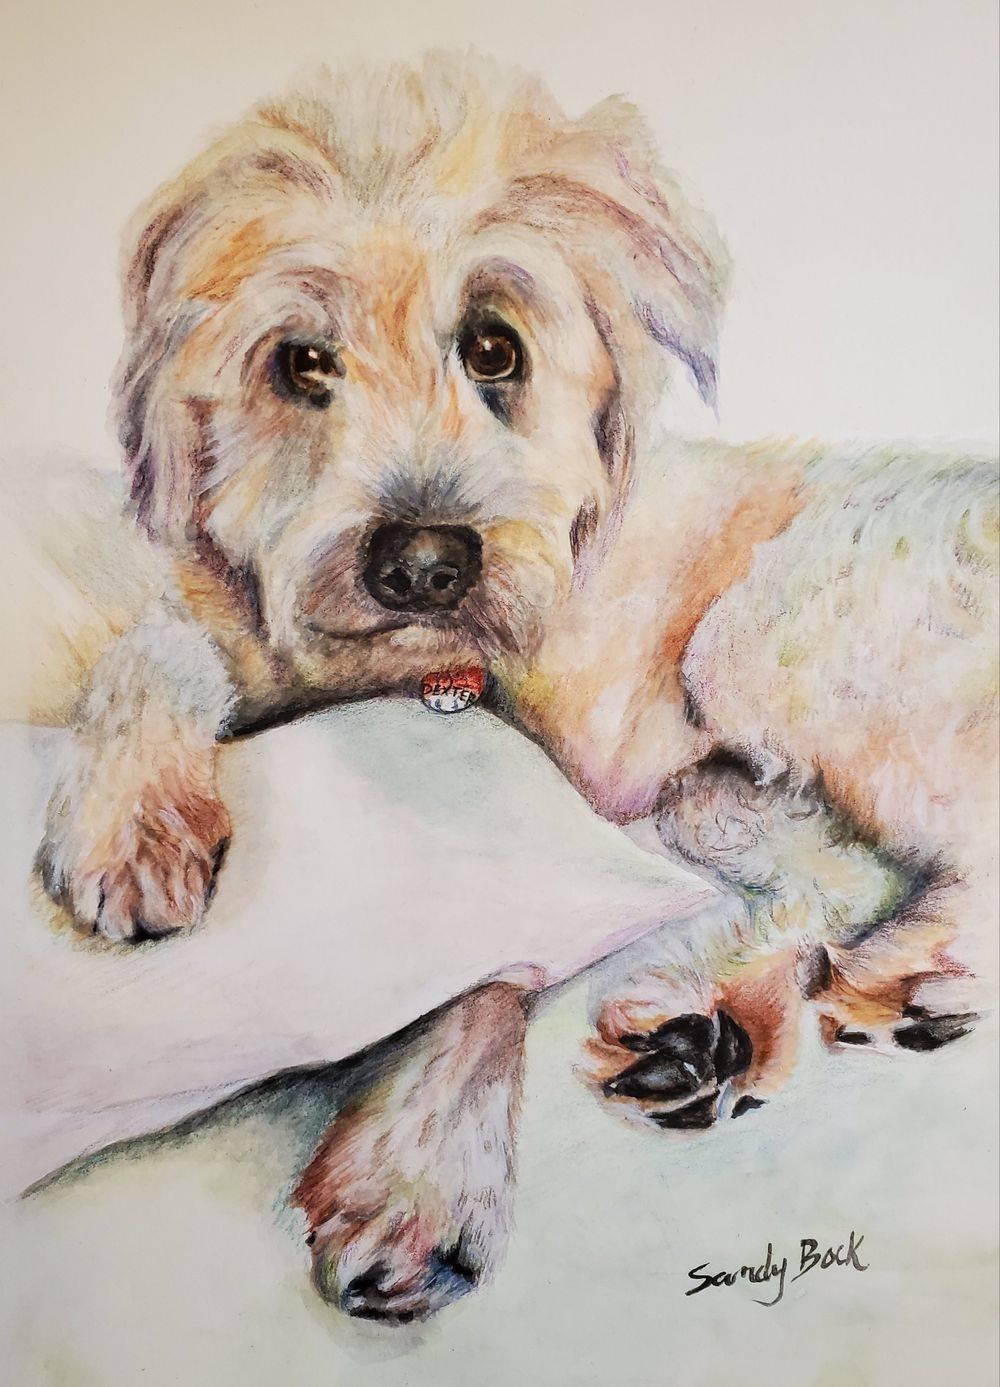 pet portrait, dog, portrait, dogs, fur baby, watercolor, pets